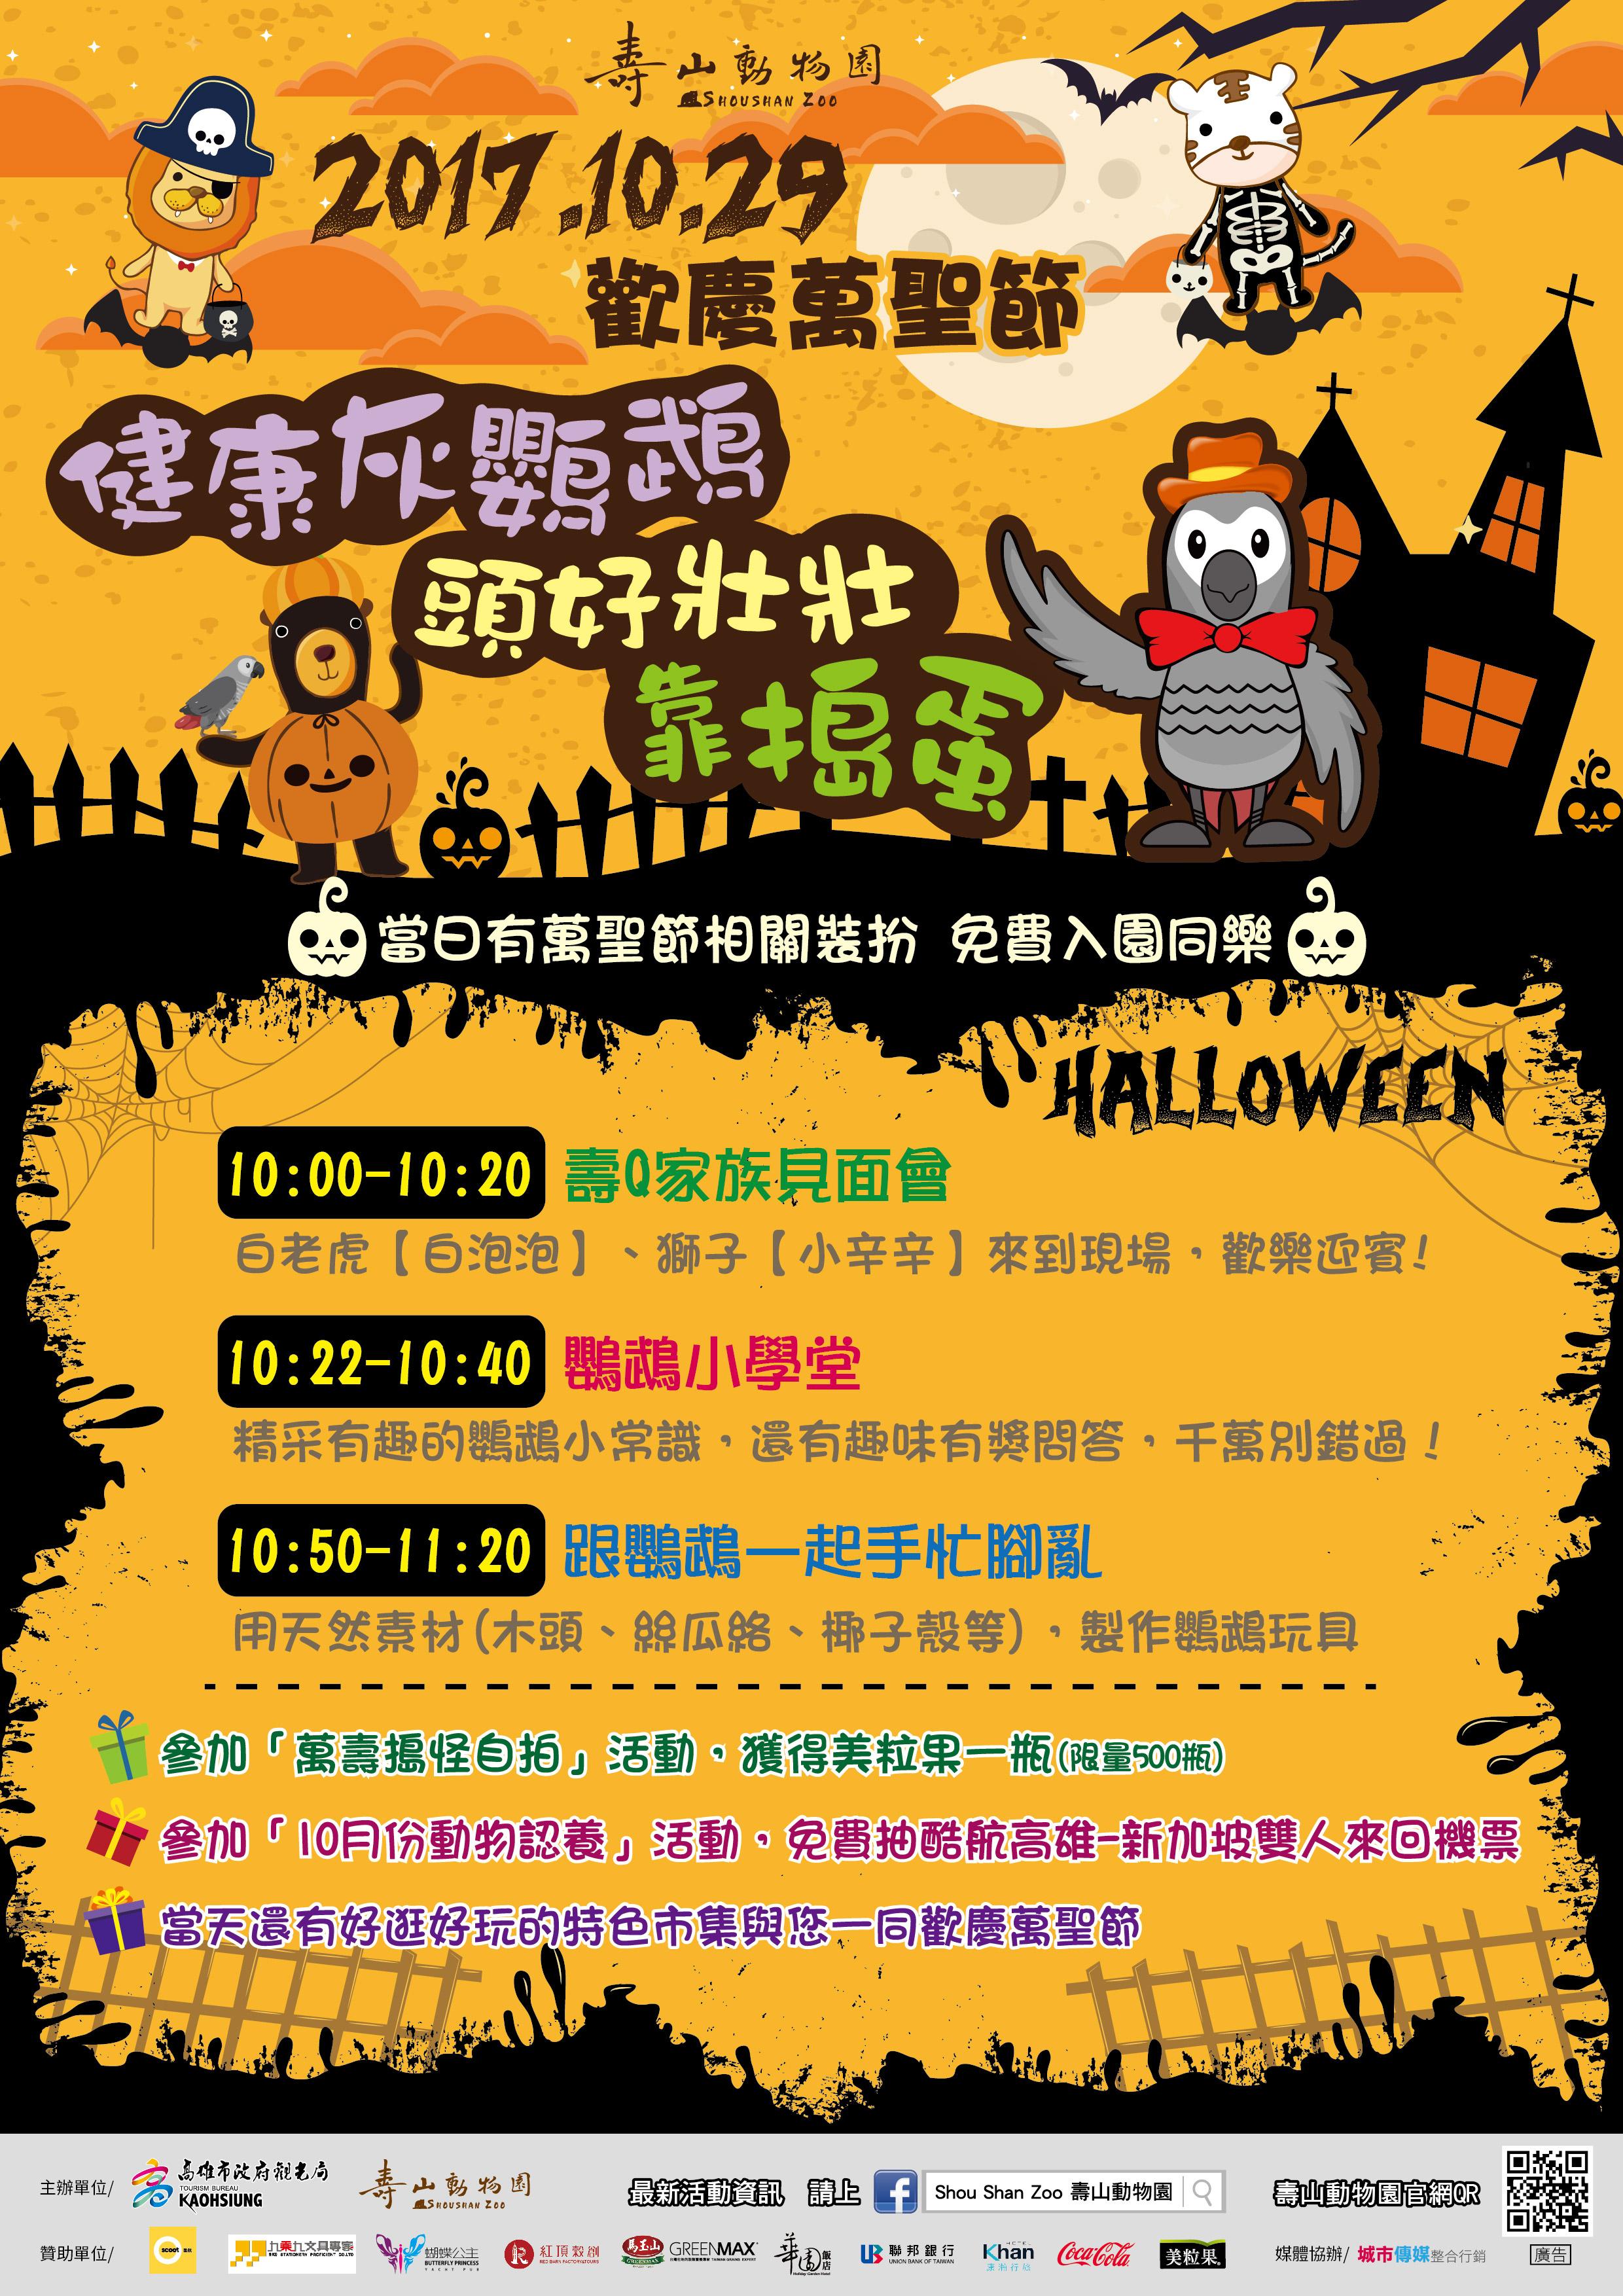 壽山動物園萬聖狂歡,10/29變裝免費入園趣,邀請市民朋友一起來參與。